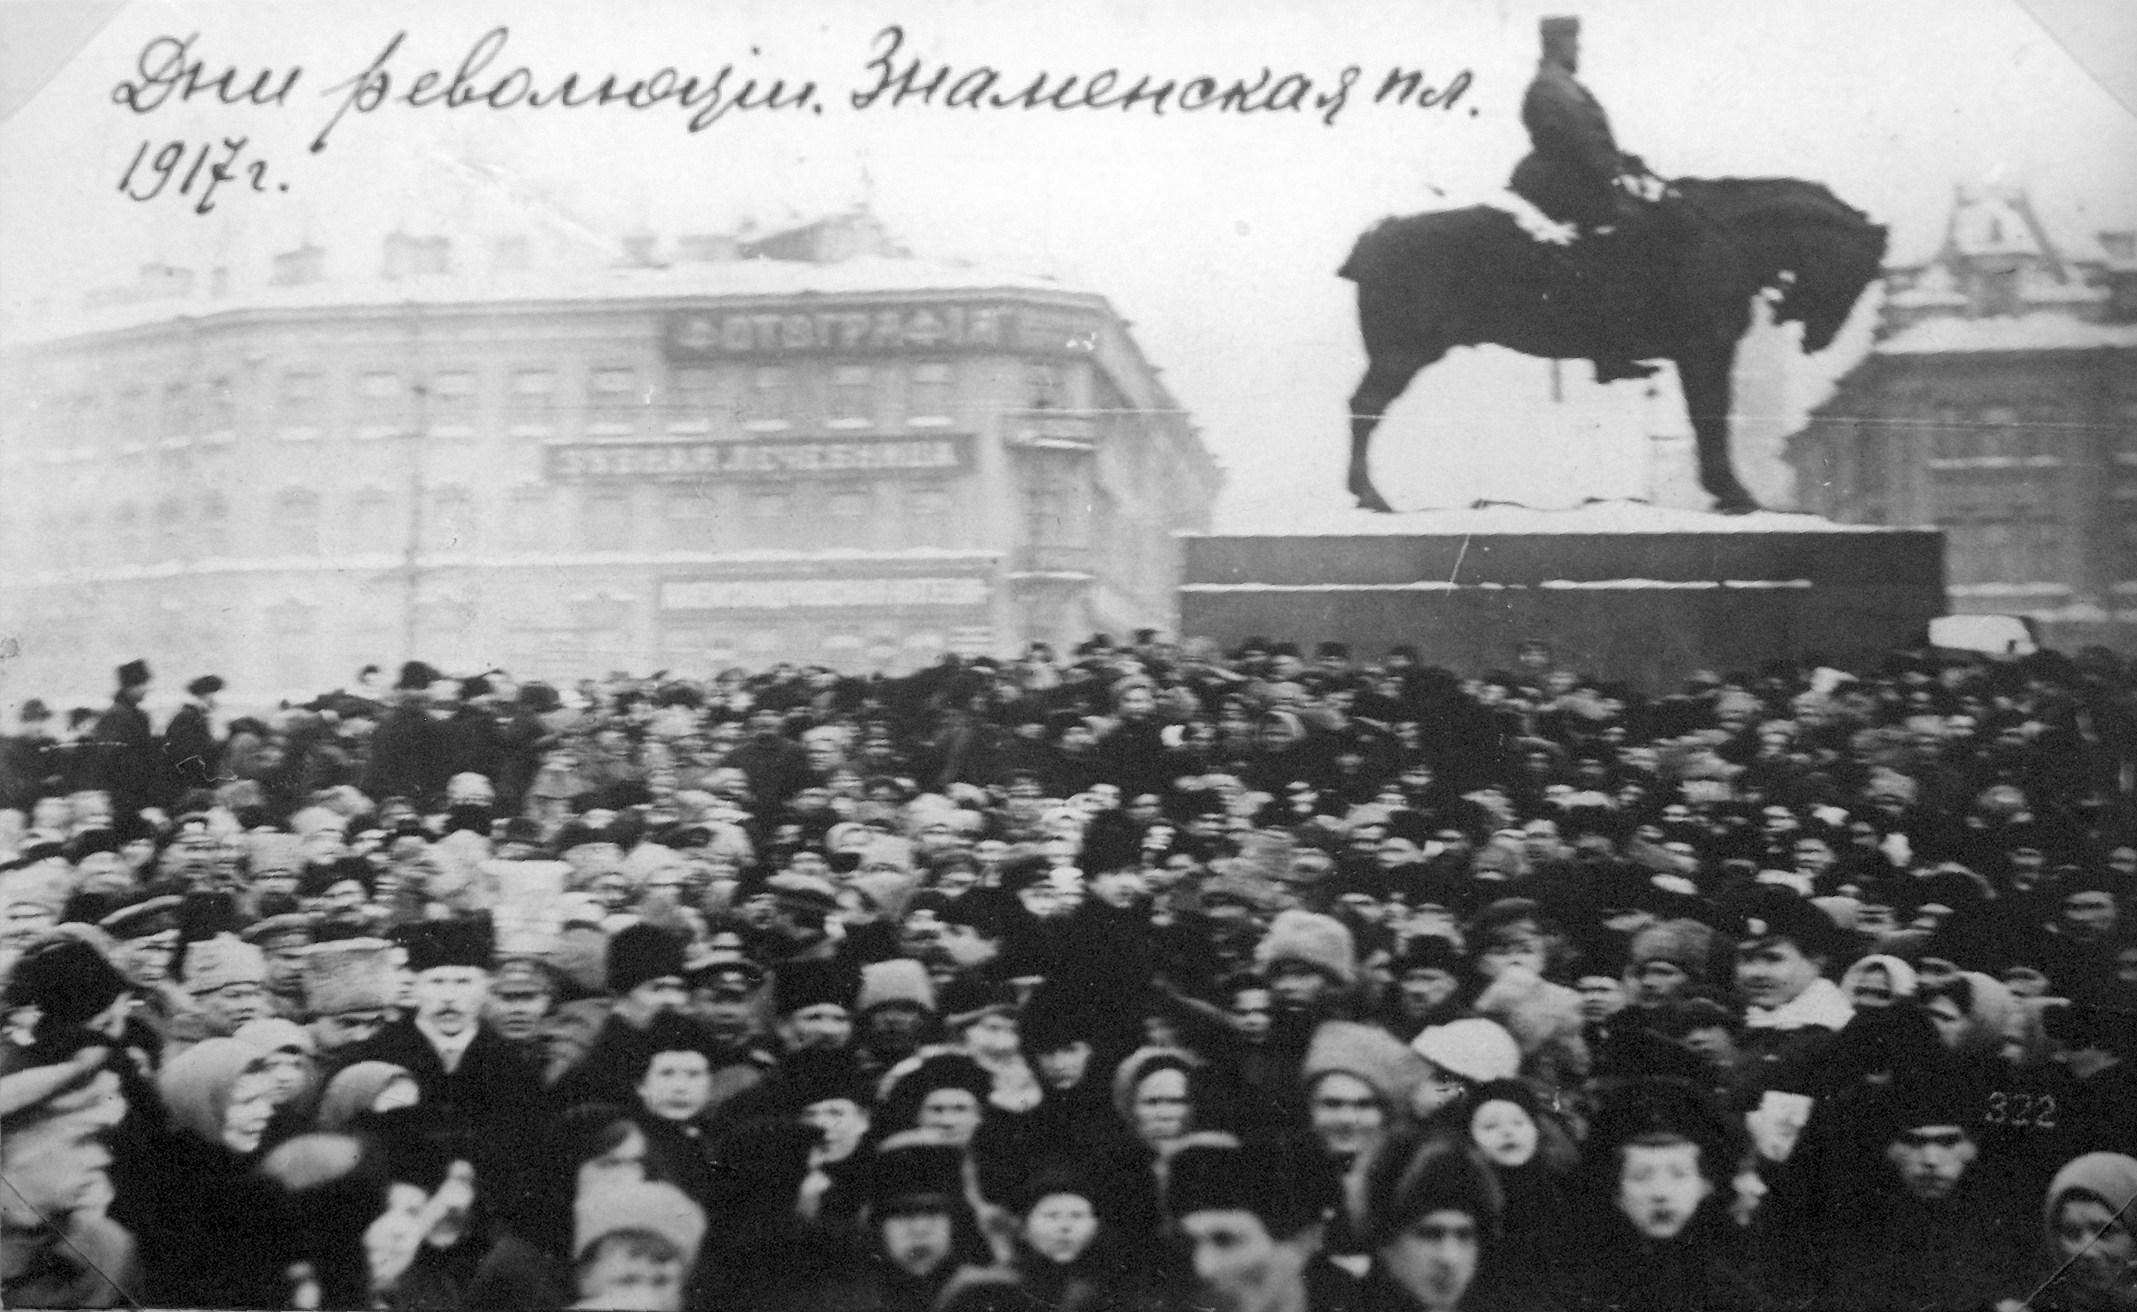 Февралист приветствовал февральскую революцию, но через полгода стал её проклинать